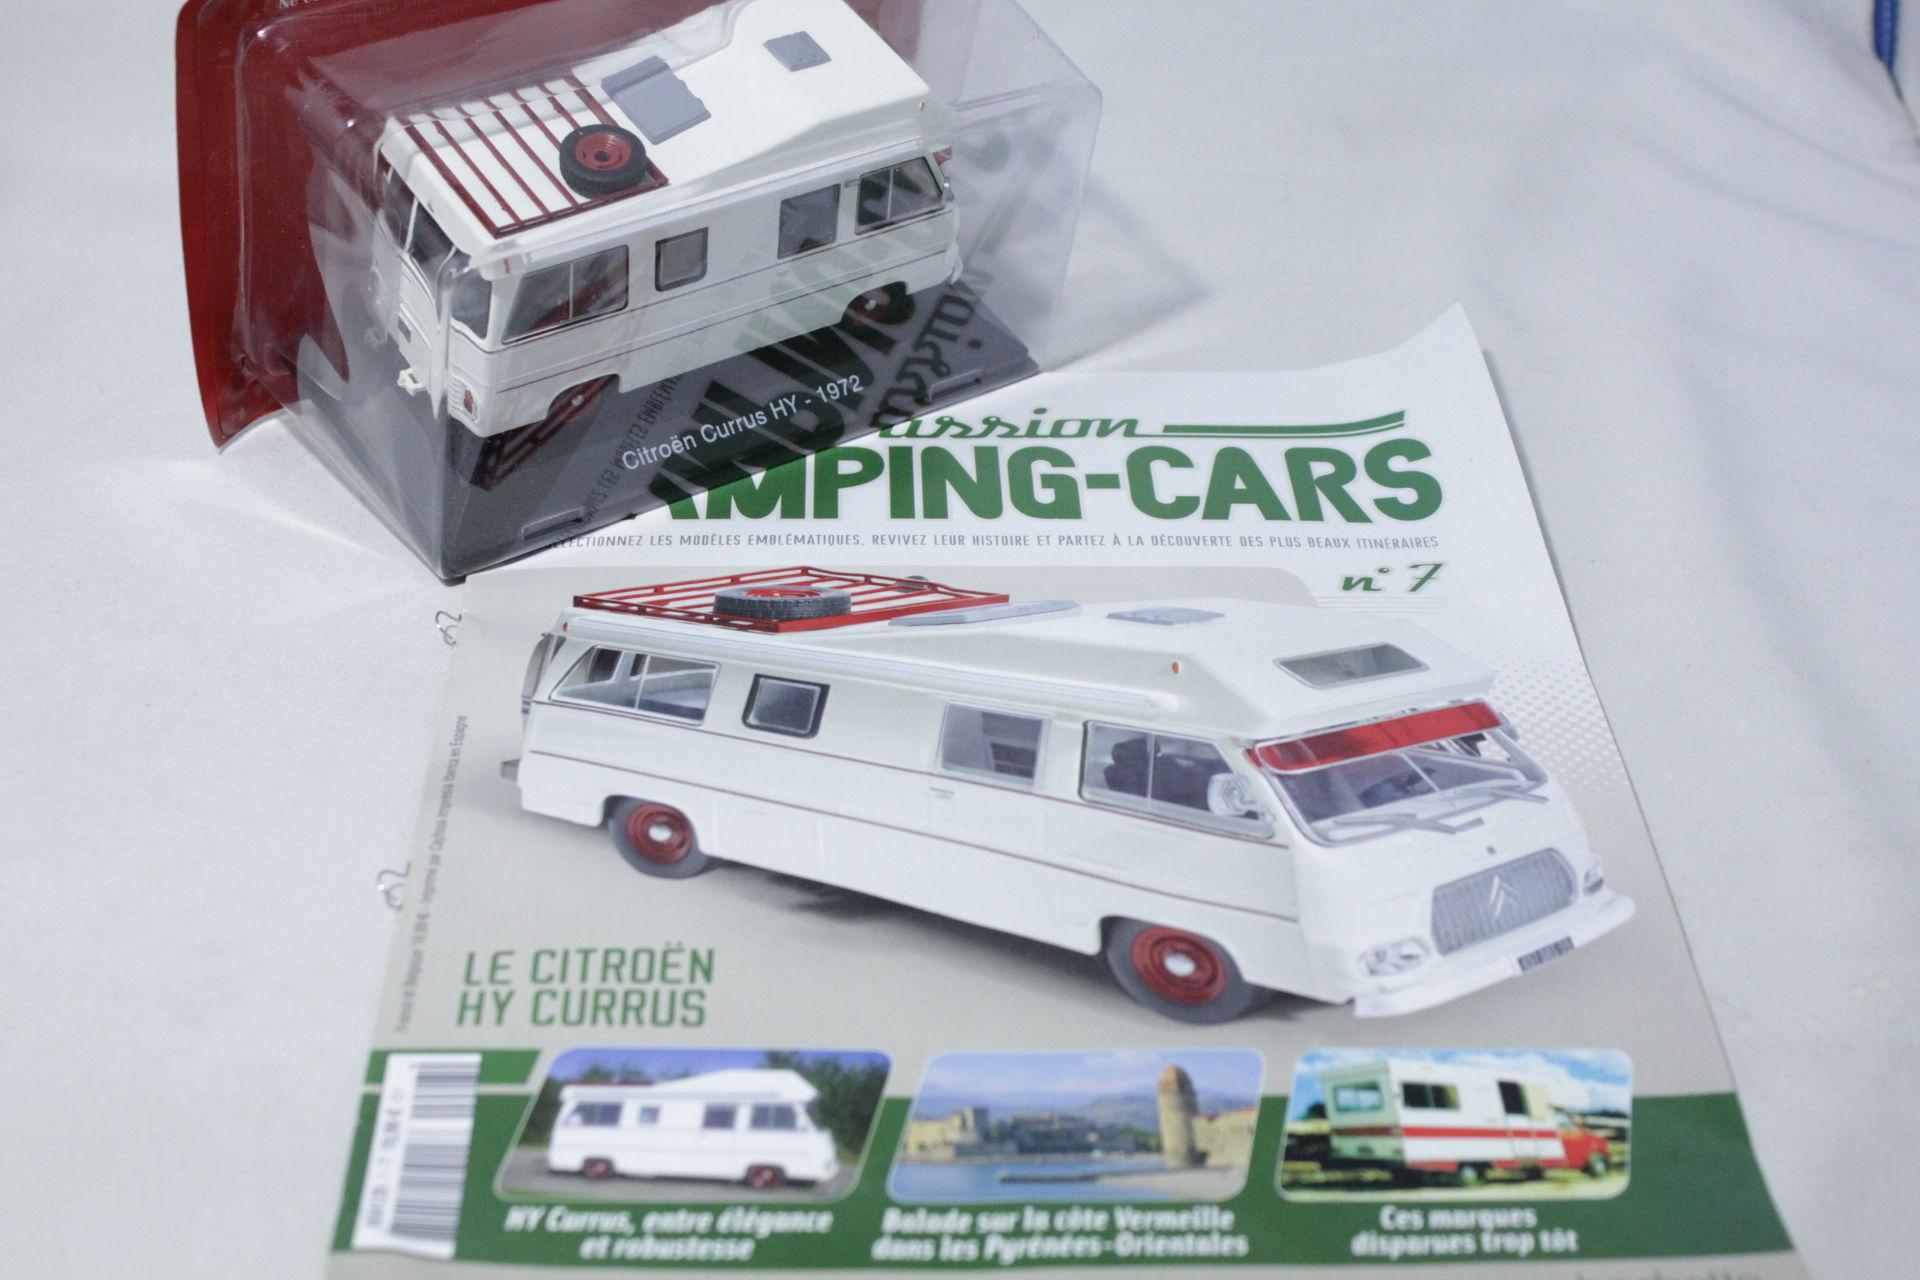 HACHETTE 1/43 シトロエン Currus HY キャンピングカー